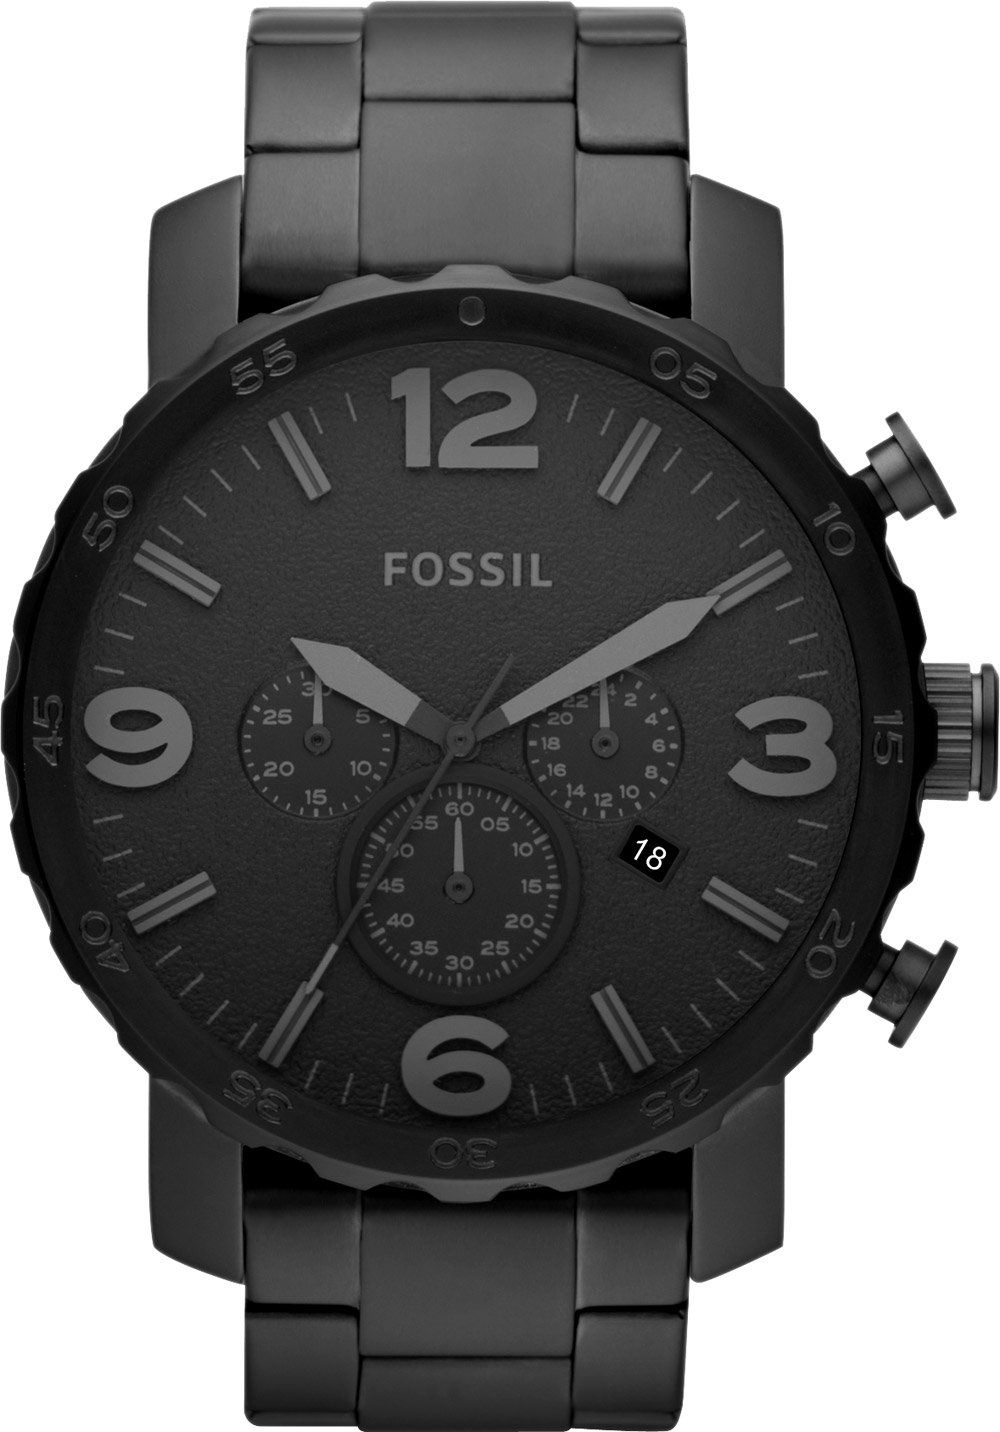 Fossil - JR1401 - Montre Homme - Quartz Analogique - Chronomètre - Bracelet  Acier Inoxydable Plaqué Noir  Amazon.fr  Montres 6597cdc2b24